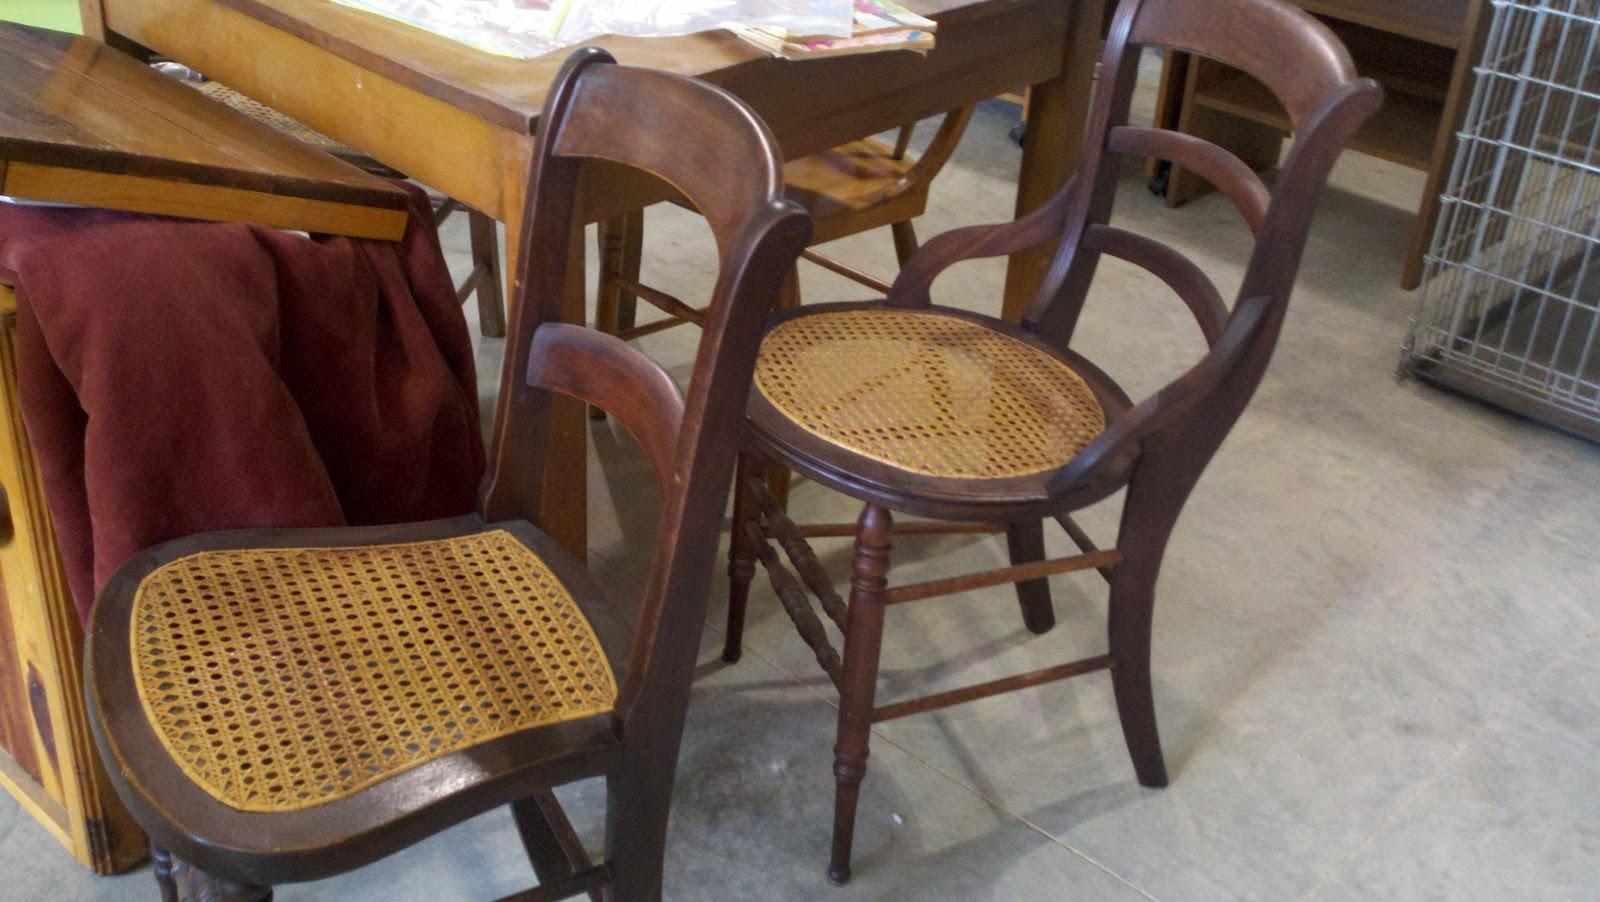 antique cane seat chairs Debbie's Bargain Basement antique cane seat chairs